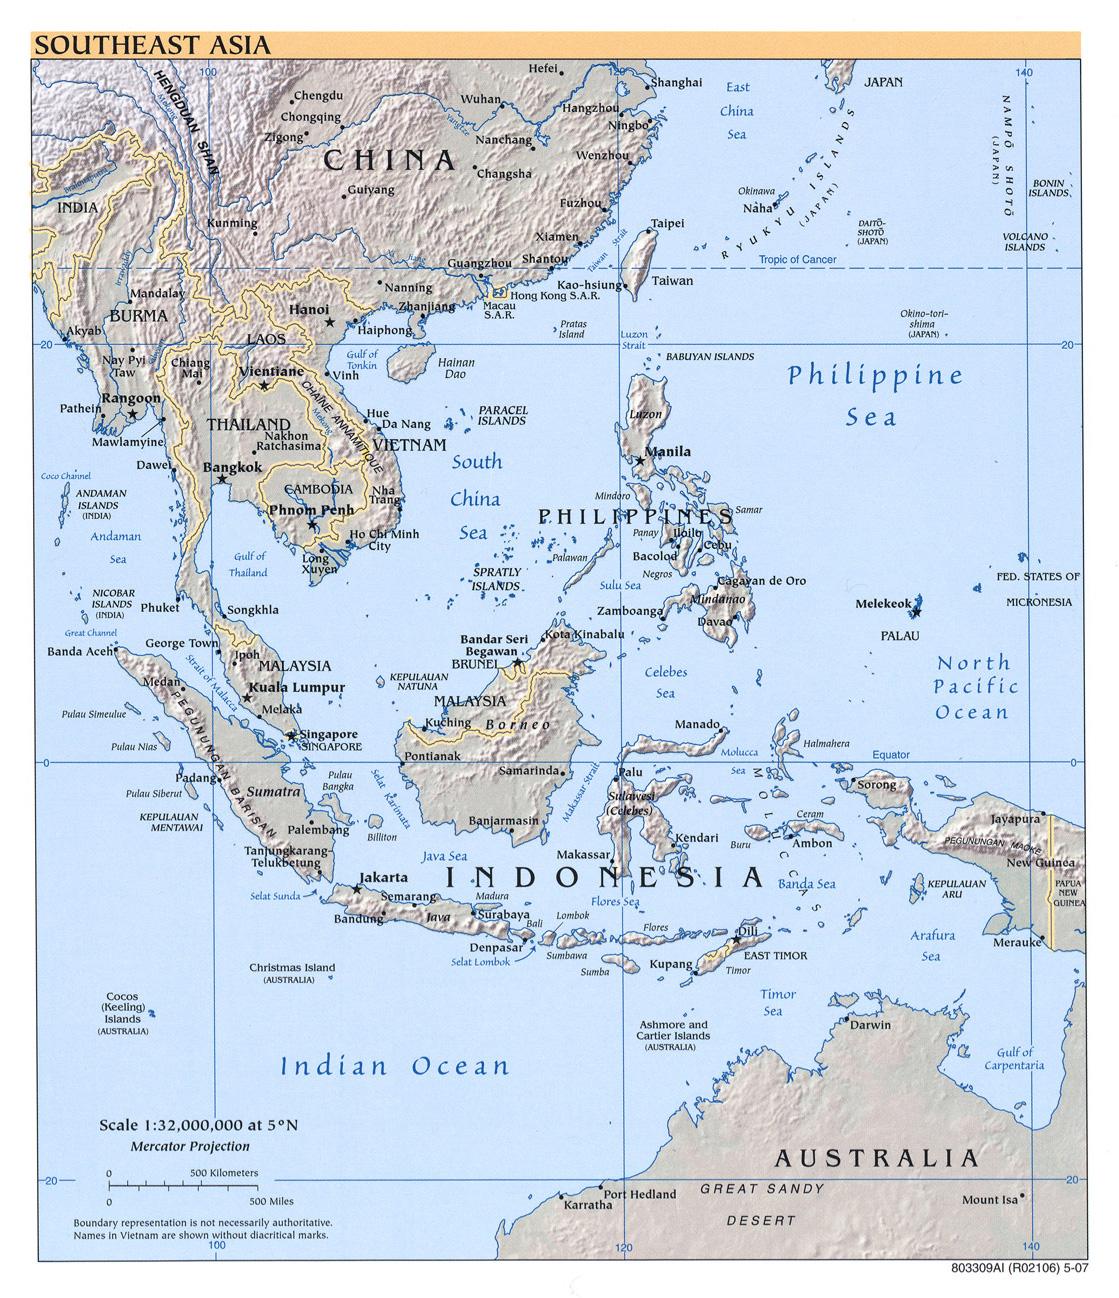 Mapa Físico del Sureste Asiático 2007